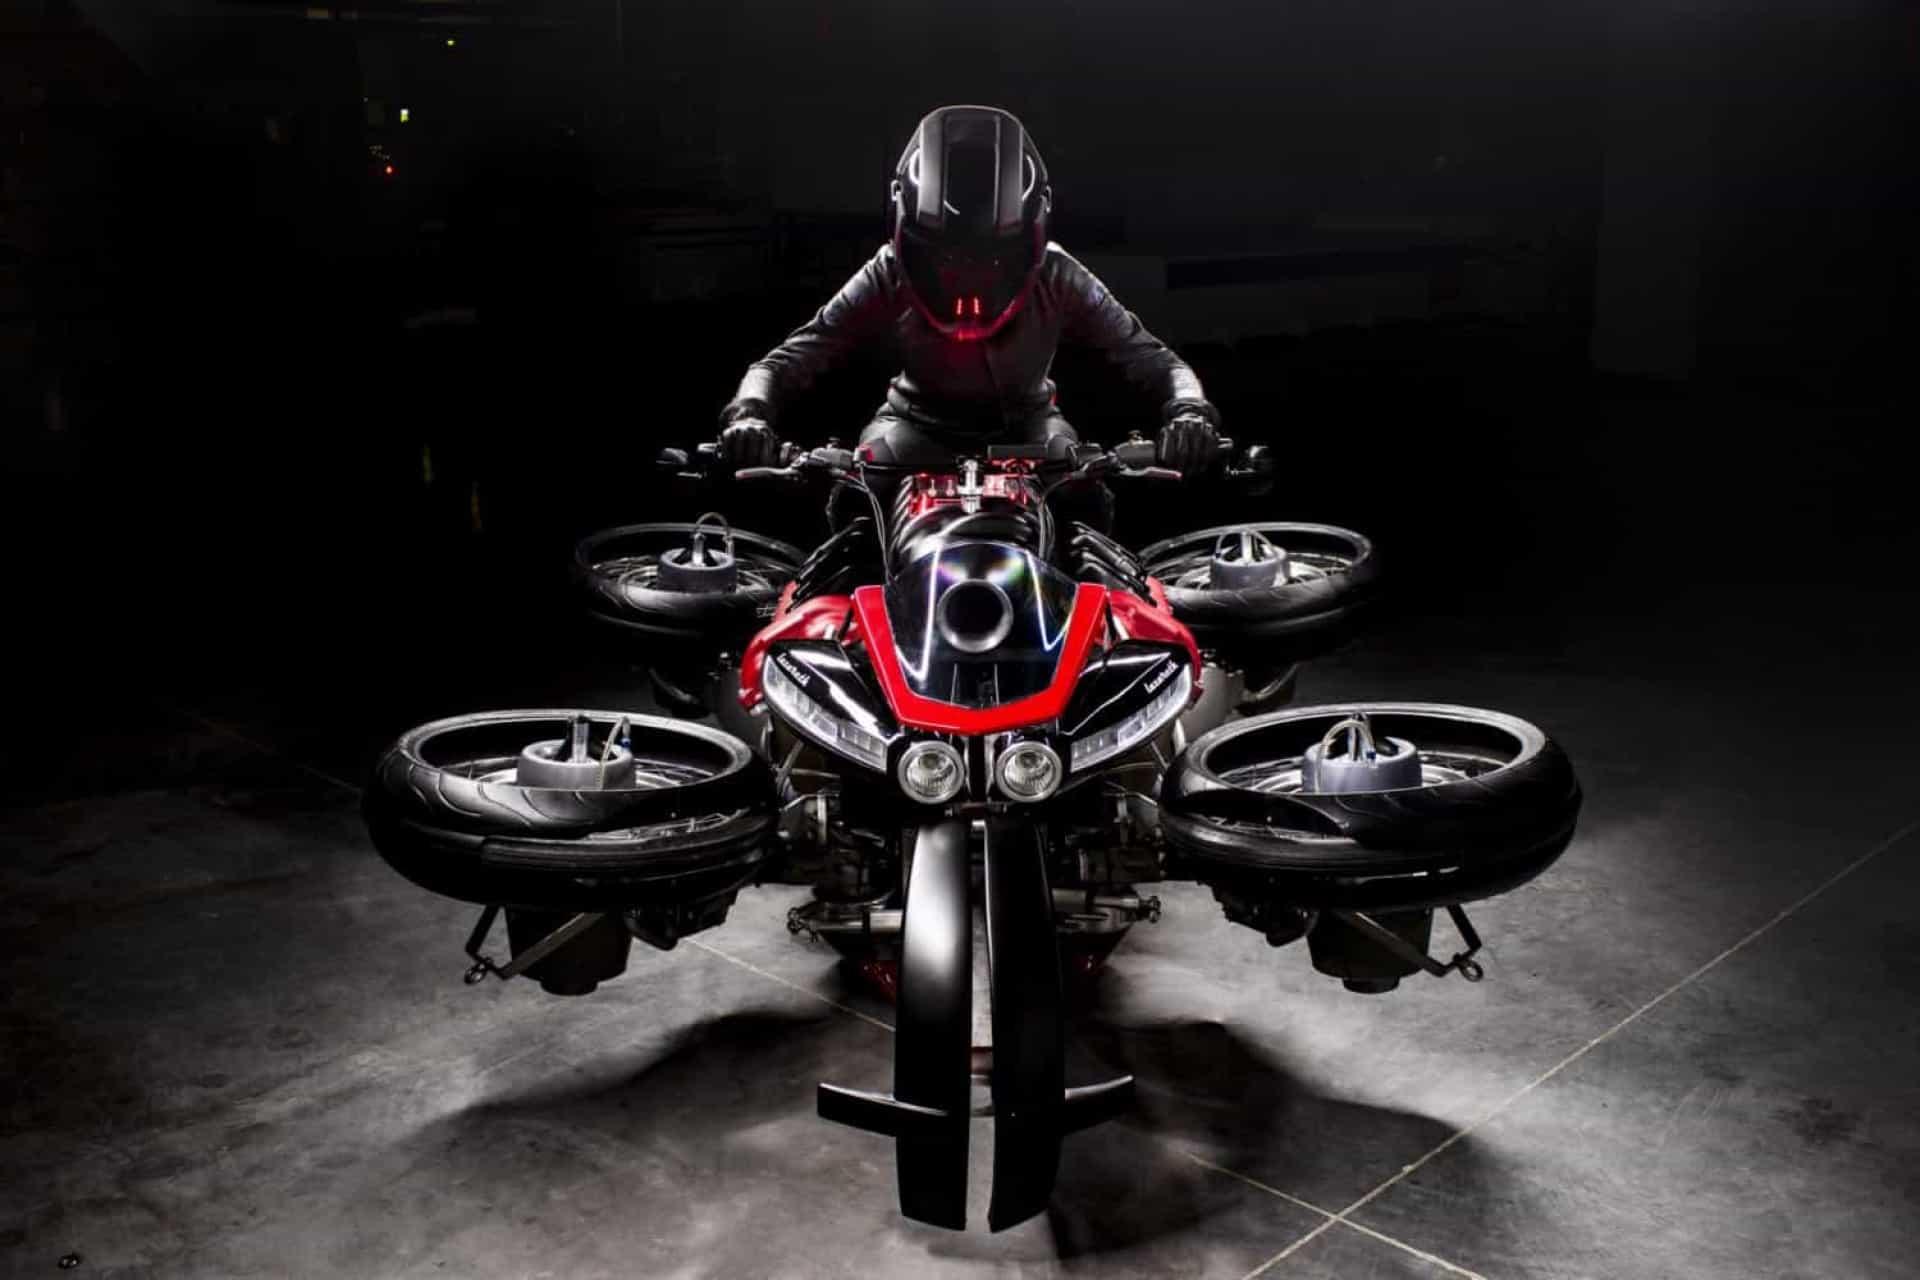 LVM 496, a novo moto elétrica que também consegue voar